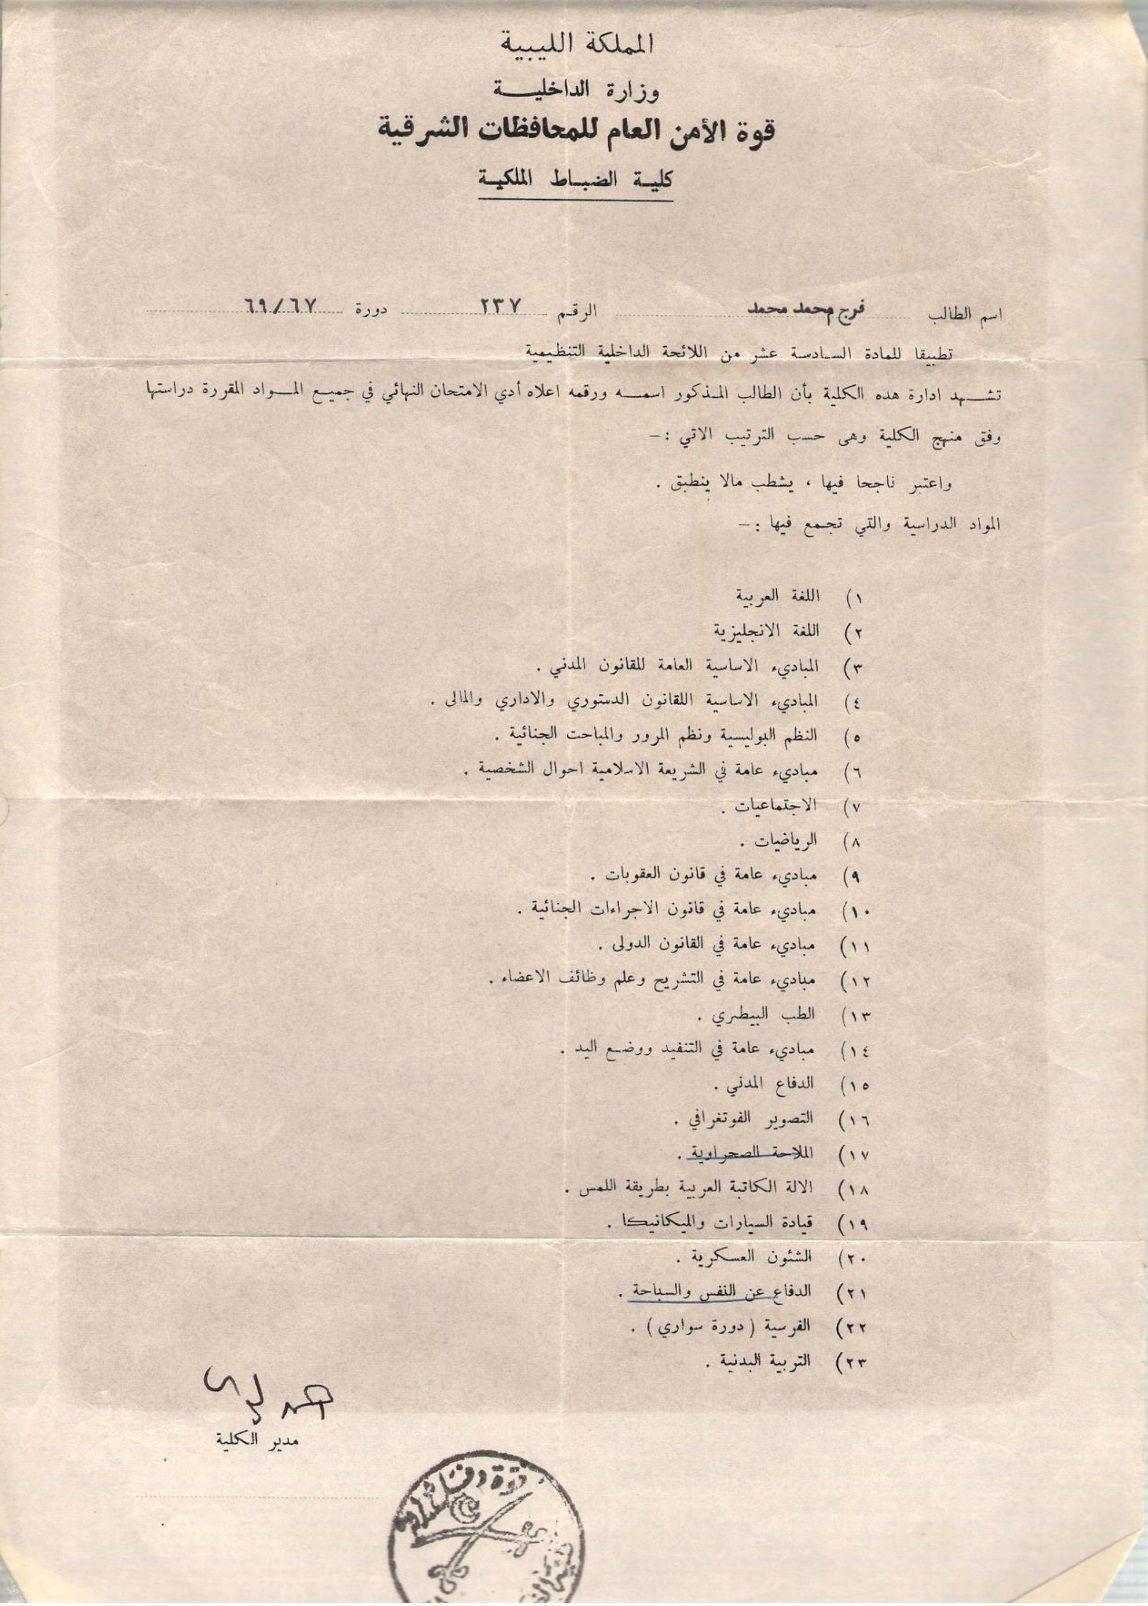 شهادة تخرج كلية الشرطة الملكية لاحظوا المواد التي يدرسونها وكيف كان إعداد ضباط الشرطة Person Personalized Items Libya